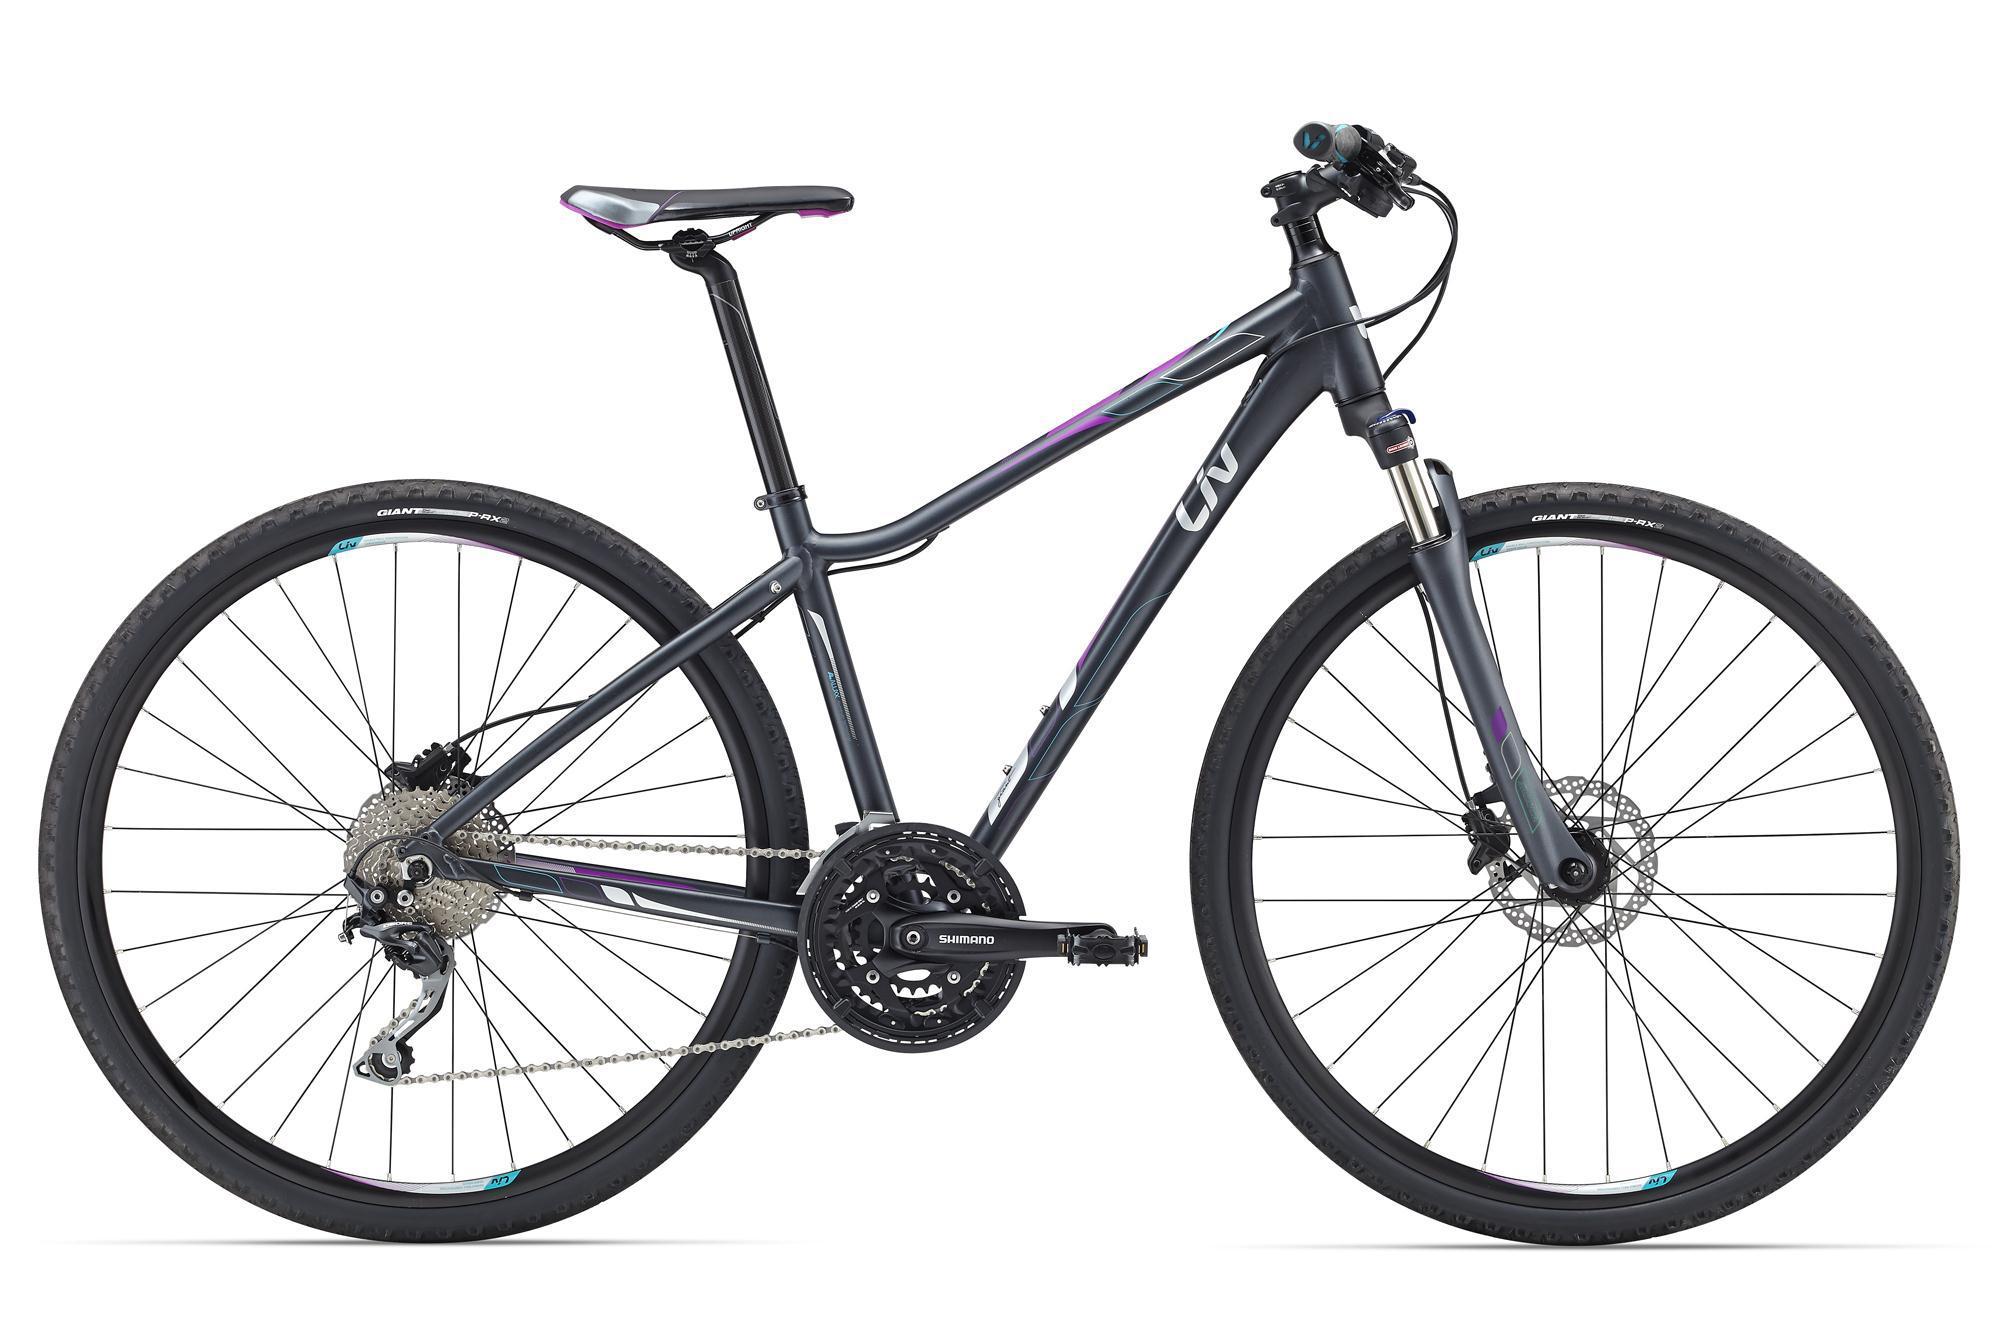 Giant Rove 1 Disc (2016)Дорожные<br>Если взять скорость шоссейного велосипеда, совместить ее с комфортом горного, добавить туда специально разработанную женскую геометрию Liv от Giant и красивый внешний вид, то получится отличный женский велосипед – Giant Rove. На своих больших колесах 700с он оказался очень скоростным, не потеряв в маневренности и удобстве. Рама разработана с учетом нюансов женского строения, ее также сделали очень легкой, в этом помог специальный алюминиевый сплав ALUXX.<br>Чтобы сделать его еще более приятным для любого катания, Rove 1 Disc оснастили амортизационной вилкой с блокировкой, переключением на 30 скоростей Shimano Deore, мощной дисковой гидравликой, которая безотказно работает в любых условиях, и резиной с антипрокольным покрытием, дабы избежать неприятностей на дорогах. Отличное сочетание красоты, удобства и функциональности.<br>